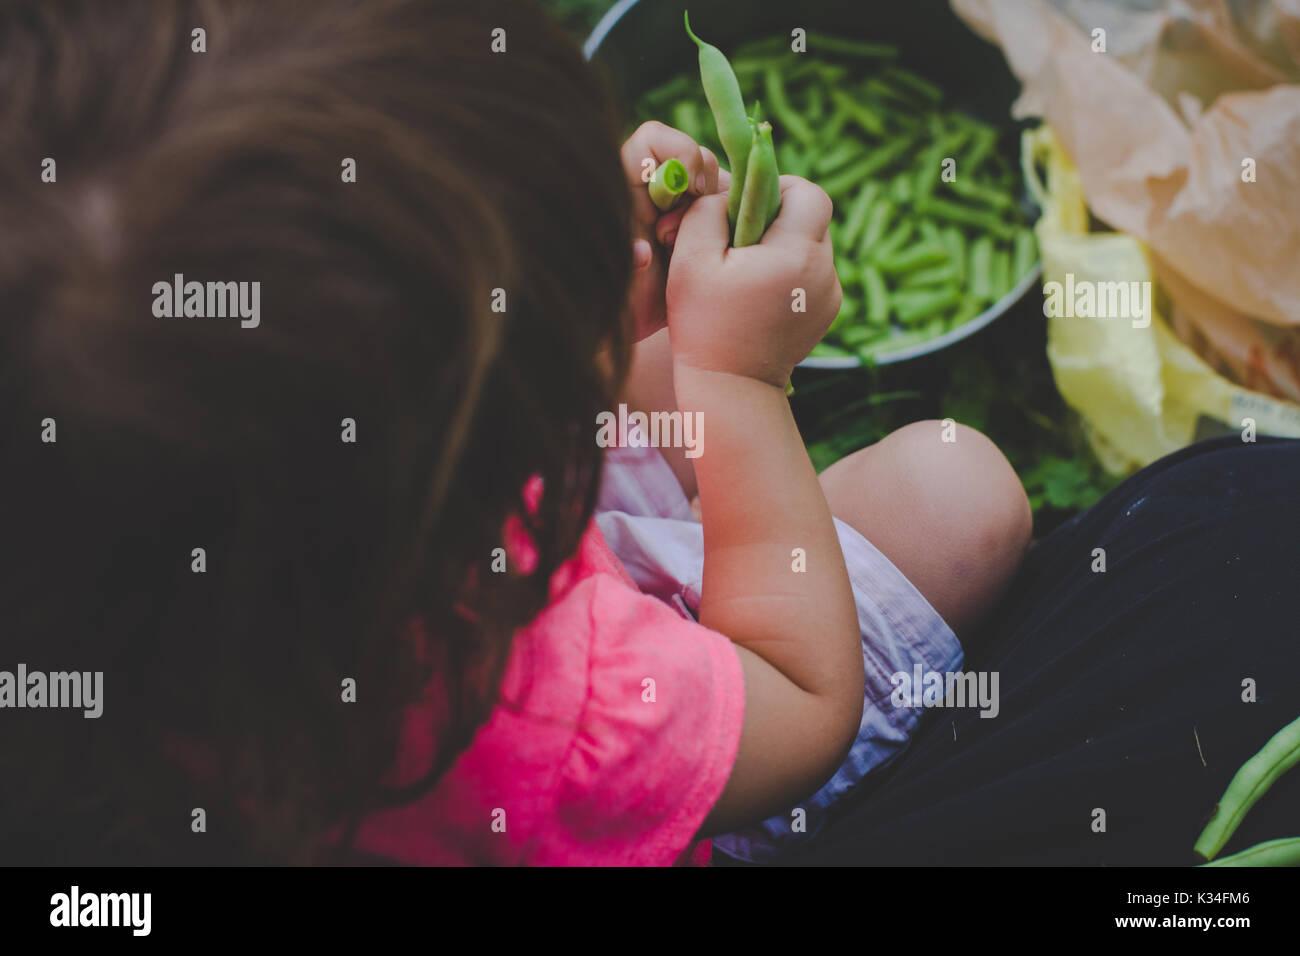 Junge Mädchen schnappt frische grüne Bohnen. Stockbild